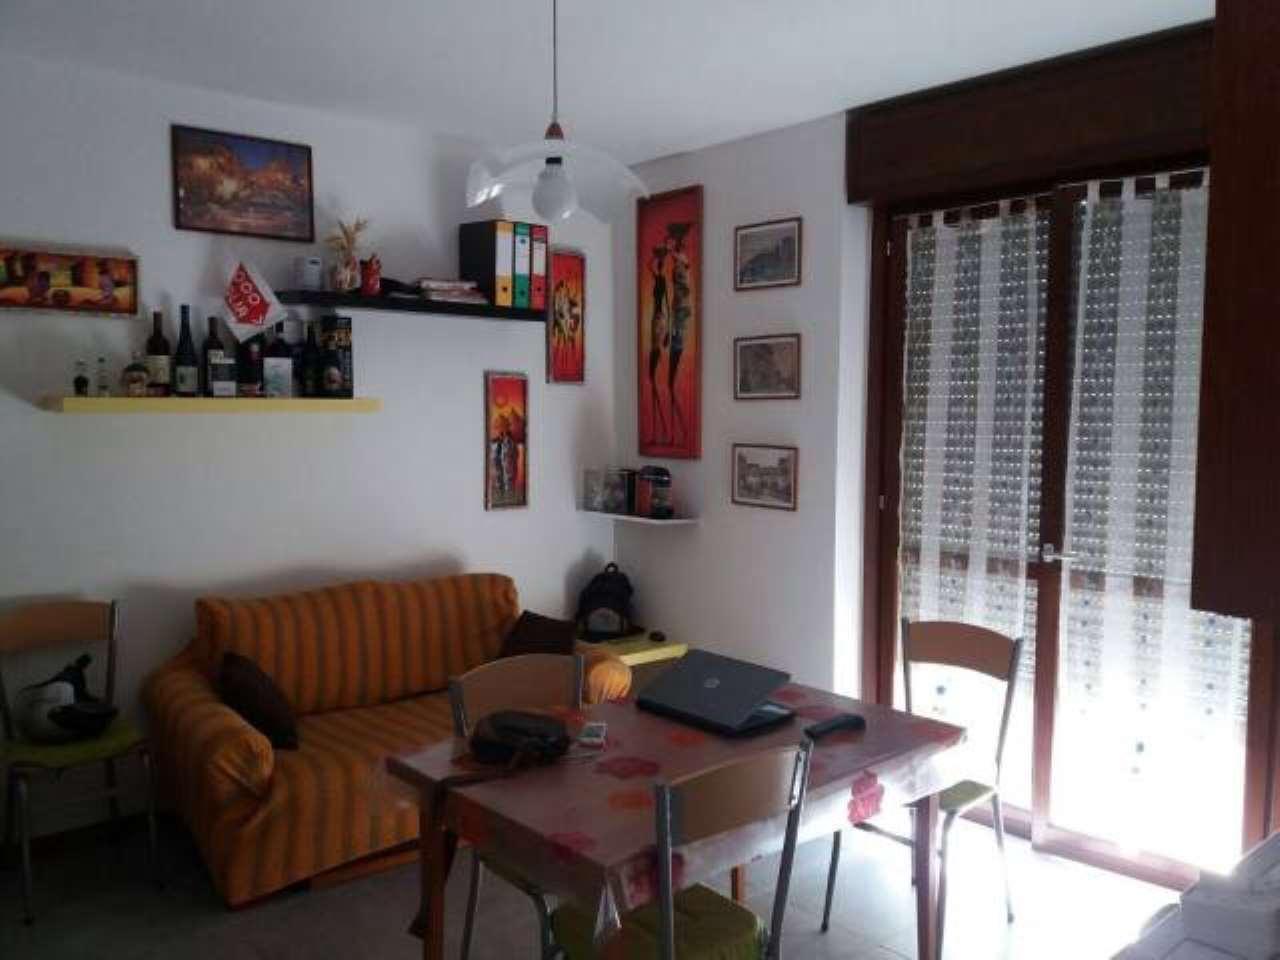 Appartamento in vendita a Fiorenzuola d'Arda, 2 locali, prezzo € 93.000 | PortaleAgenzieImmobiliari.it